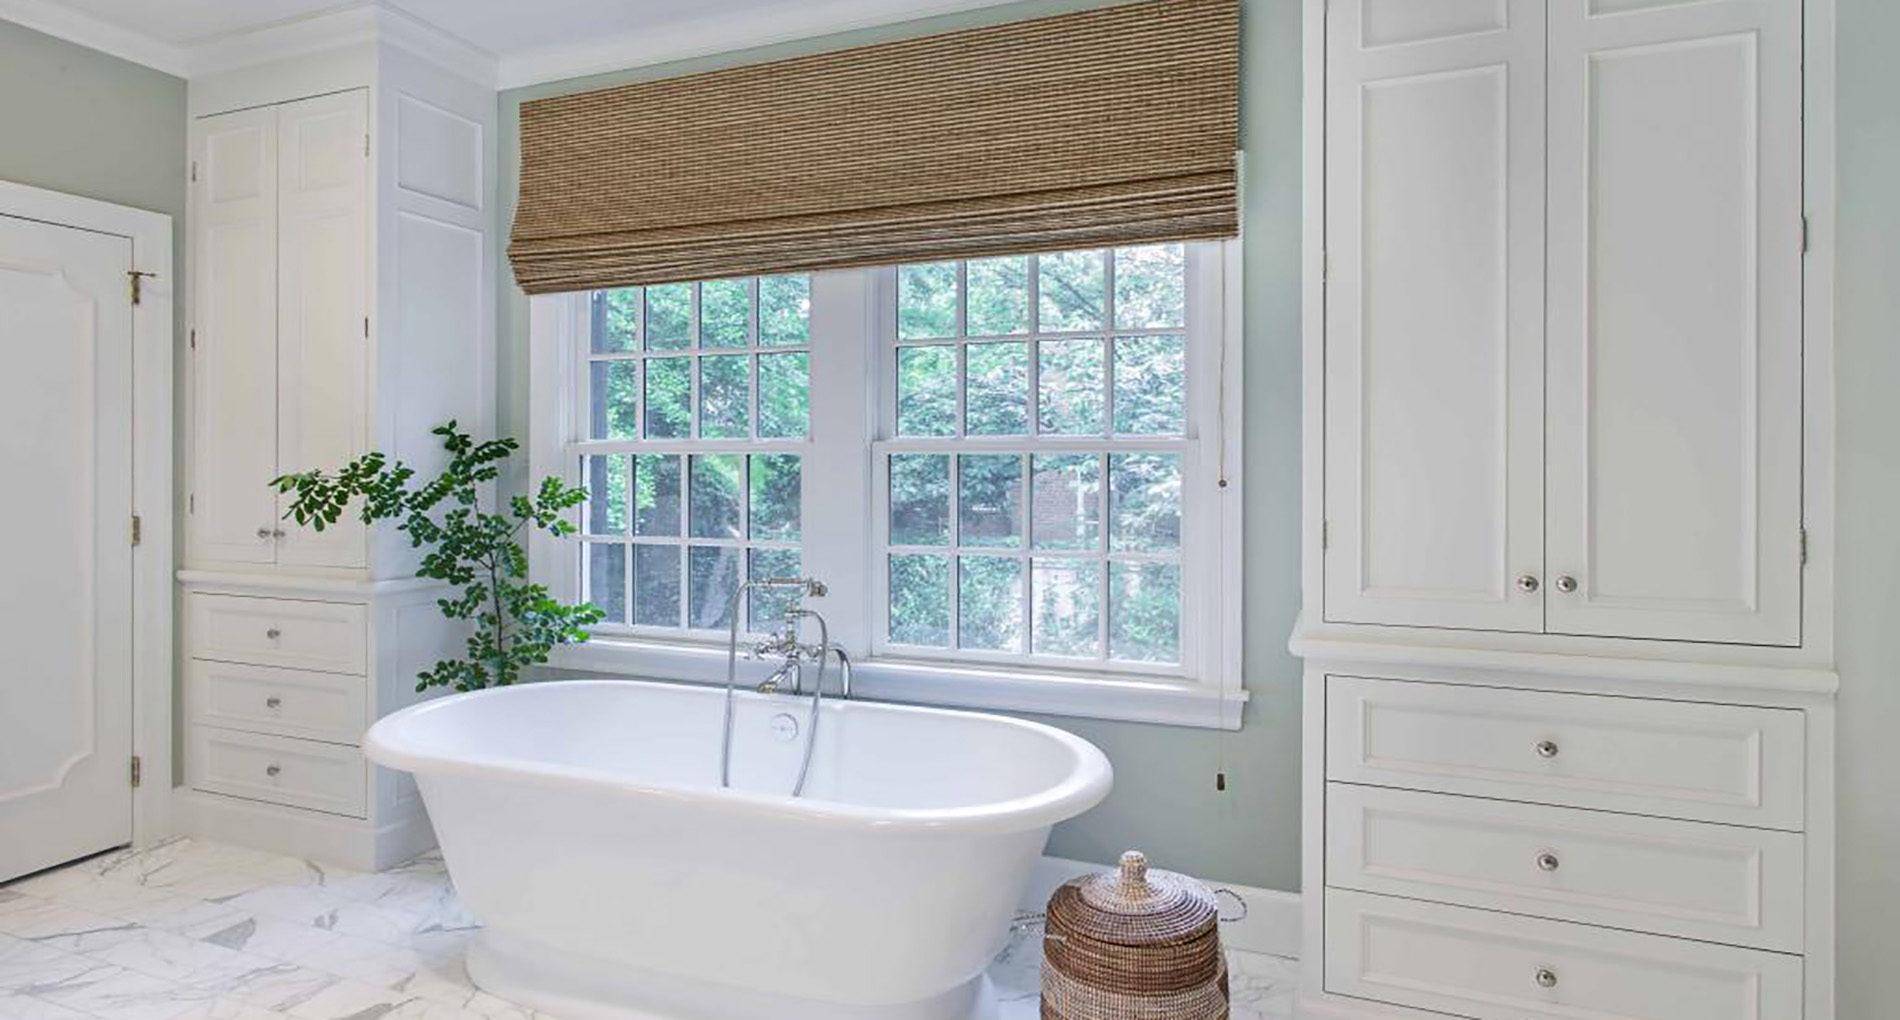 Bathroom Remodeling Design In Summerville Alair Homes Summerville - Bathroom remodeling summerville sc